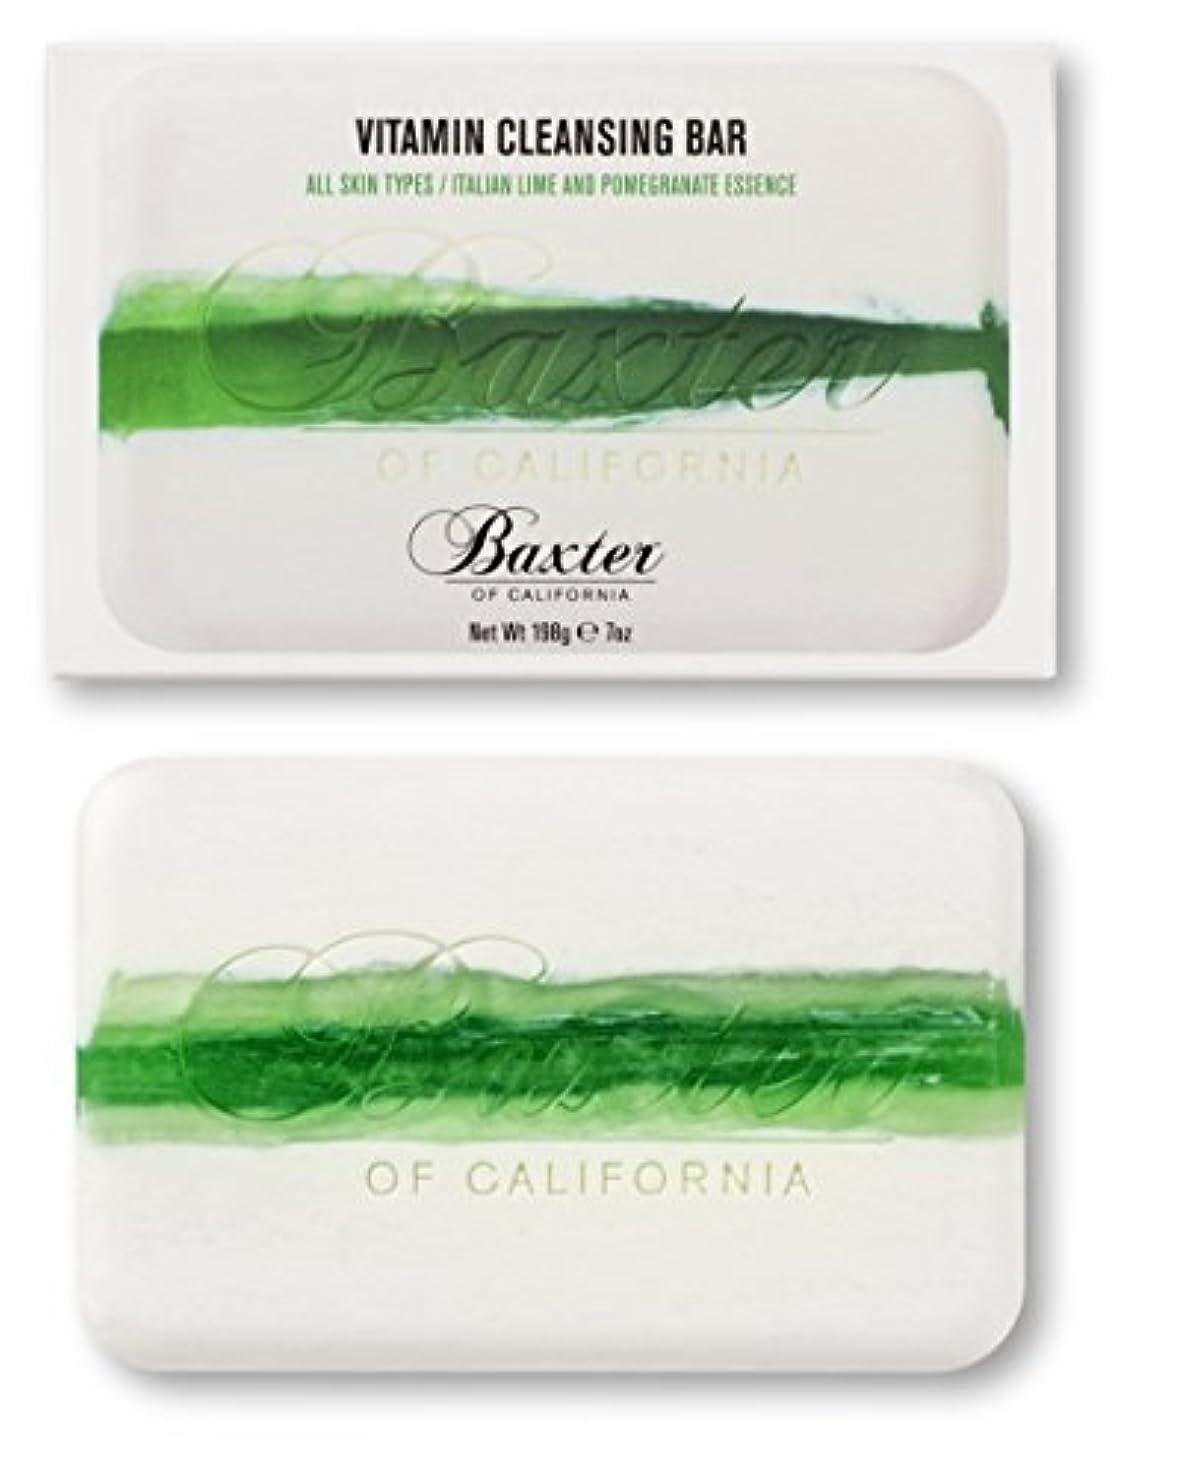 オーバードロー穿孔する免除Baxter OF CALIFORNIA(バクスター オブ カリフォルニア) ビタミンクレンジングバー イタリアンライム&ポメグラネート 198g